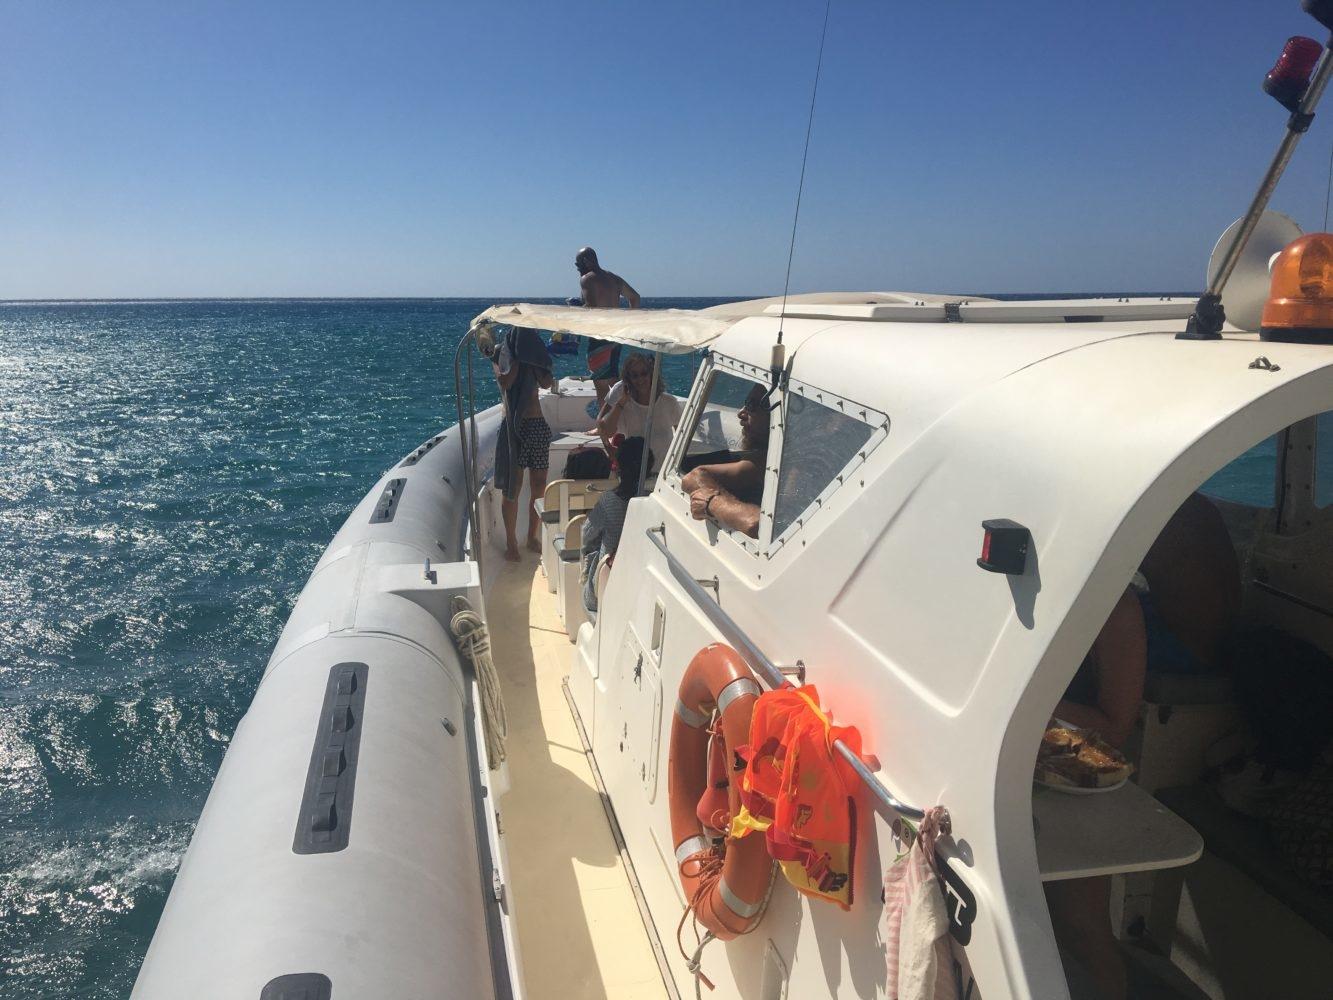 louer un bateau en grece excursion bateau tour bateau milos santorin paros mikonos